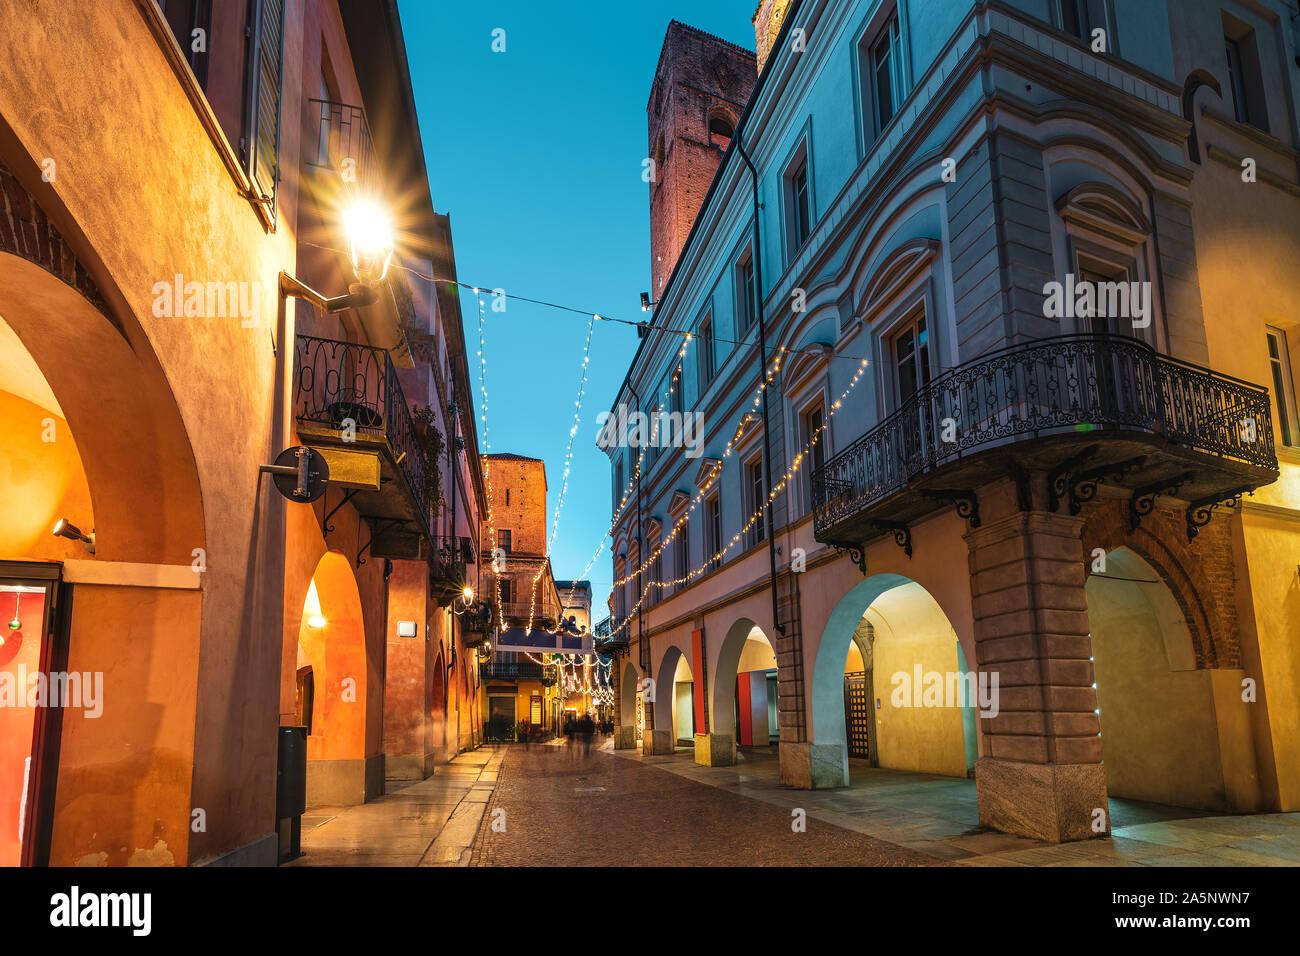 Calle peatonal adoquinada iluminada de noche en el casco antiguo de la ciudad de Alba, Piamonte, Norte de Italia. Foto de stock